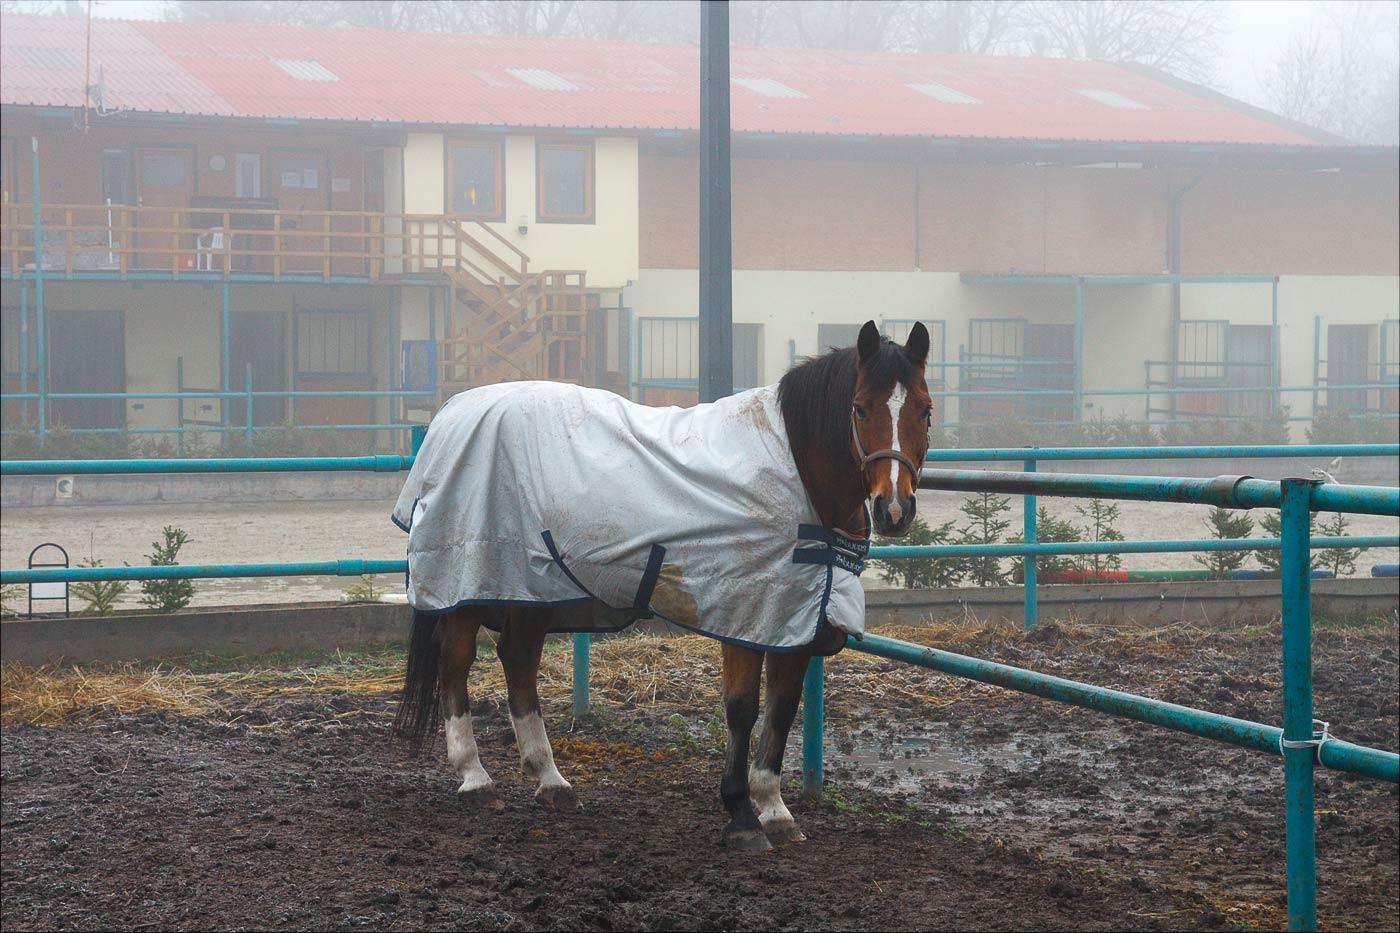 Конь в пальто, пансион Kogl у Вены, Австрия